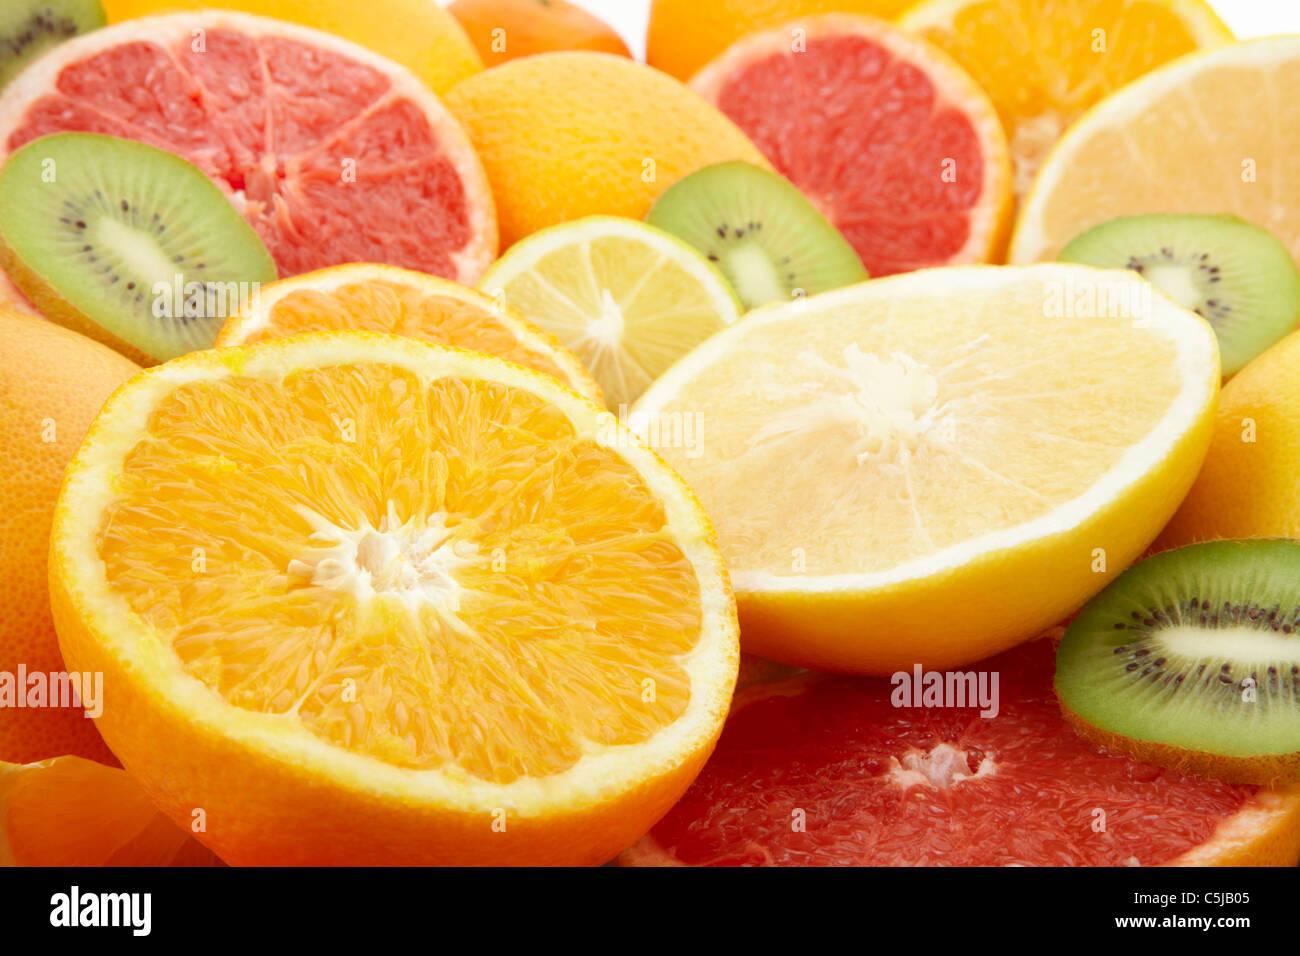 Fresh citrus fruits and kiwi background - Stock Image